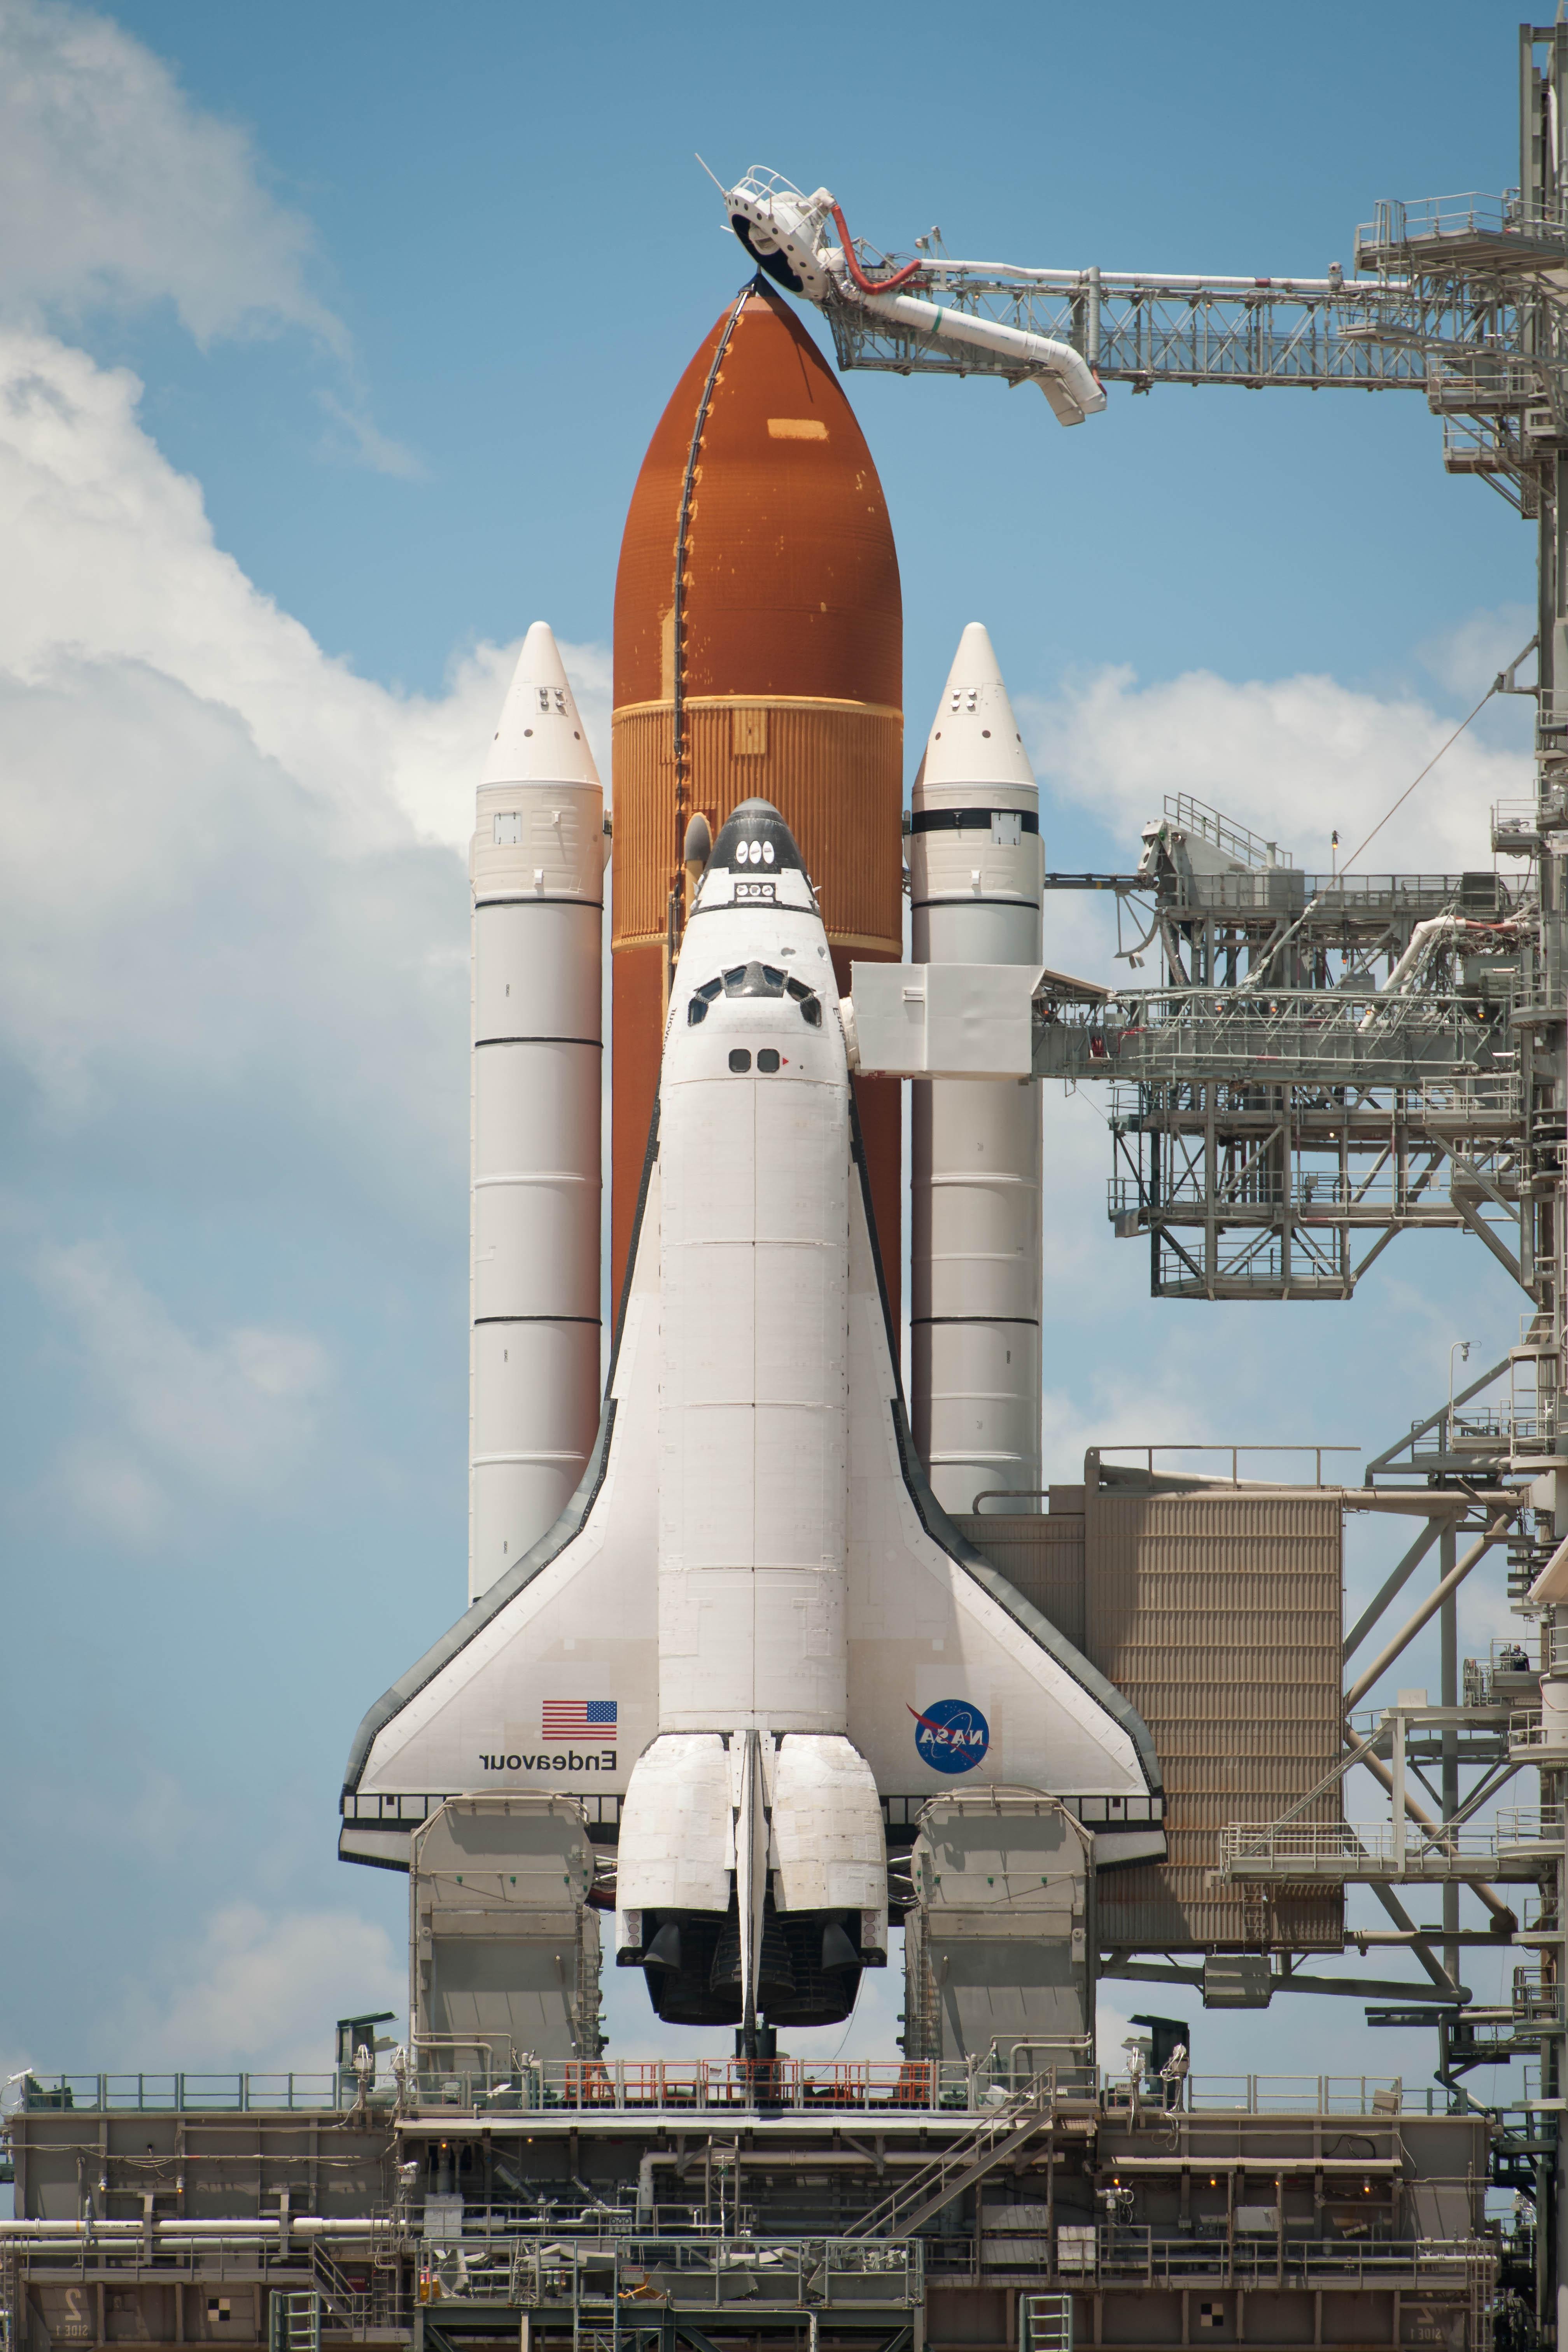 4032x6048 Top 1st Enterprise Space Shuttle Launch Vector Pictures